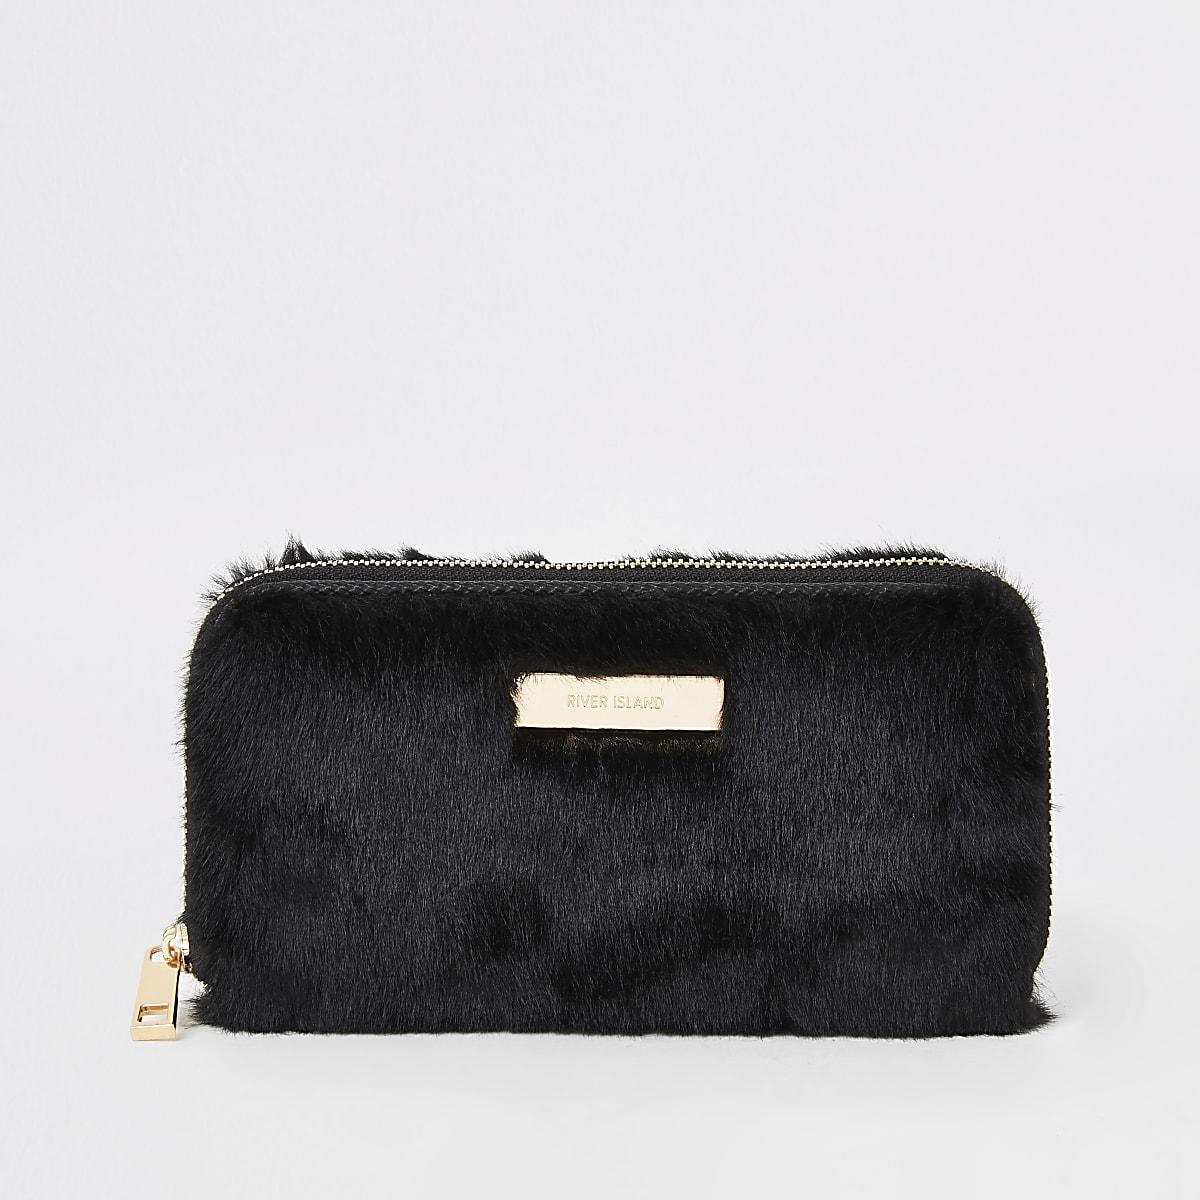 Zwarte portemonnee met imitatiebont en rits rondom